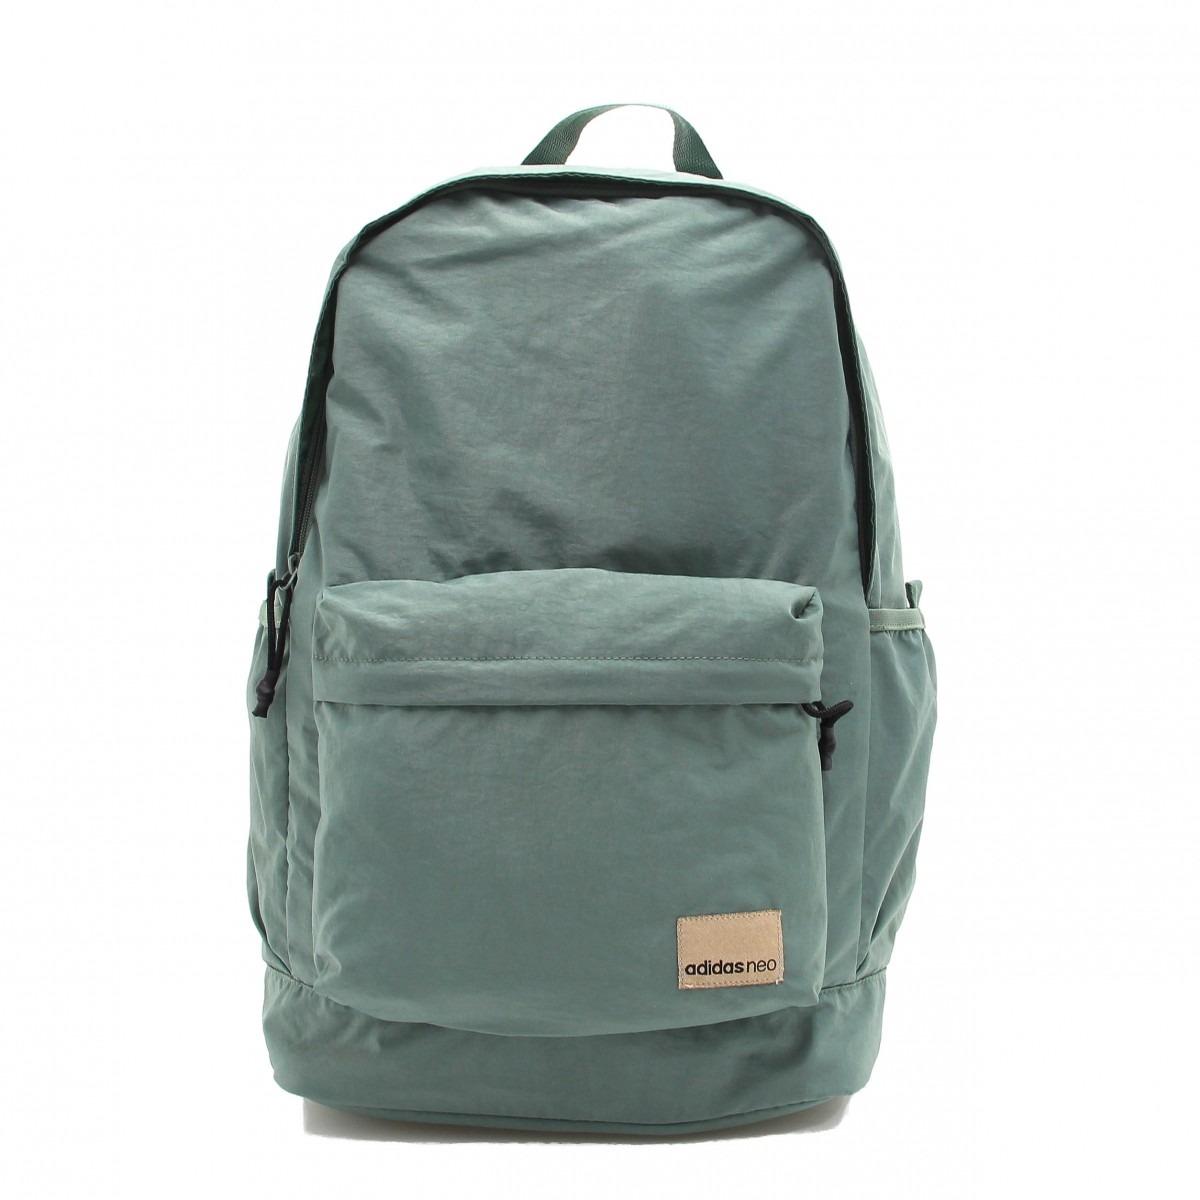 3b7bf2c11 Mochila adidas Daily Bq1245 | Cor: Verde | Zariff - R$ 179,99 em ...